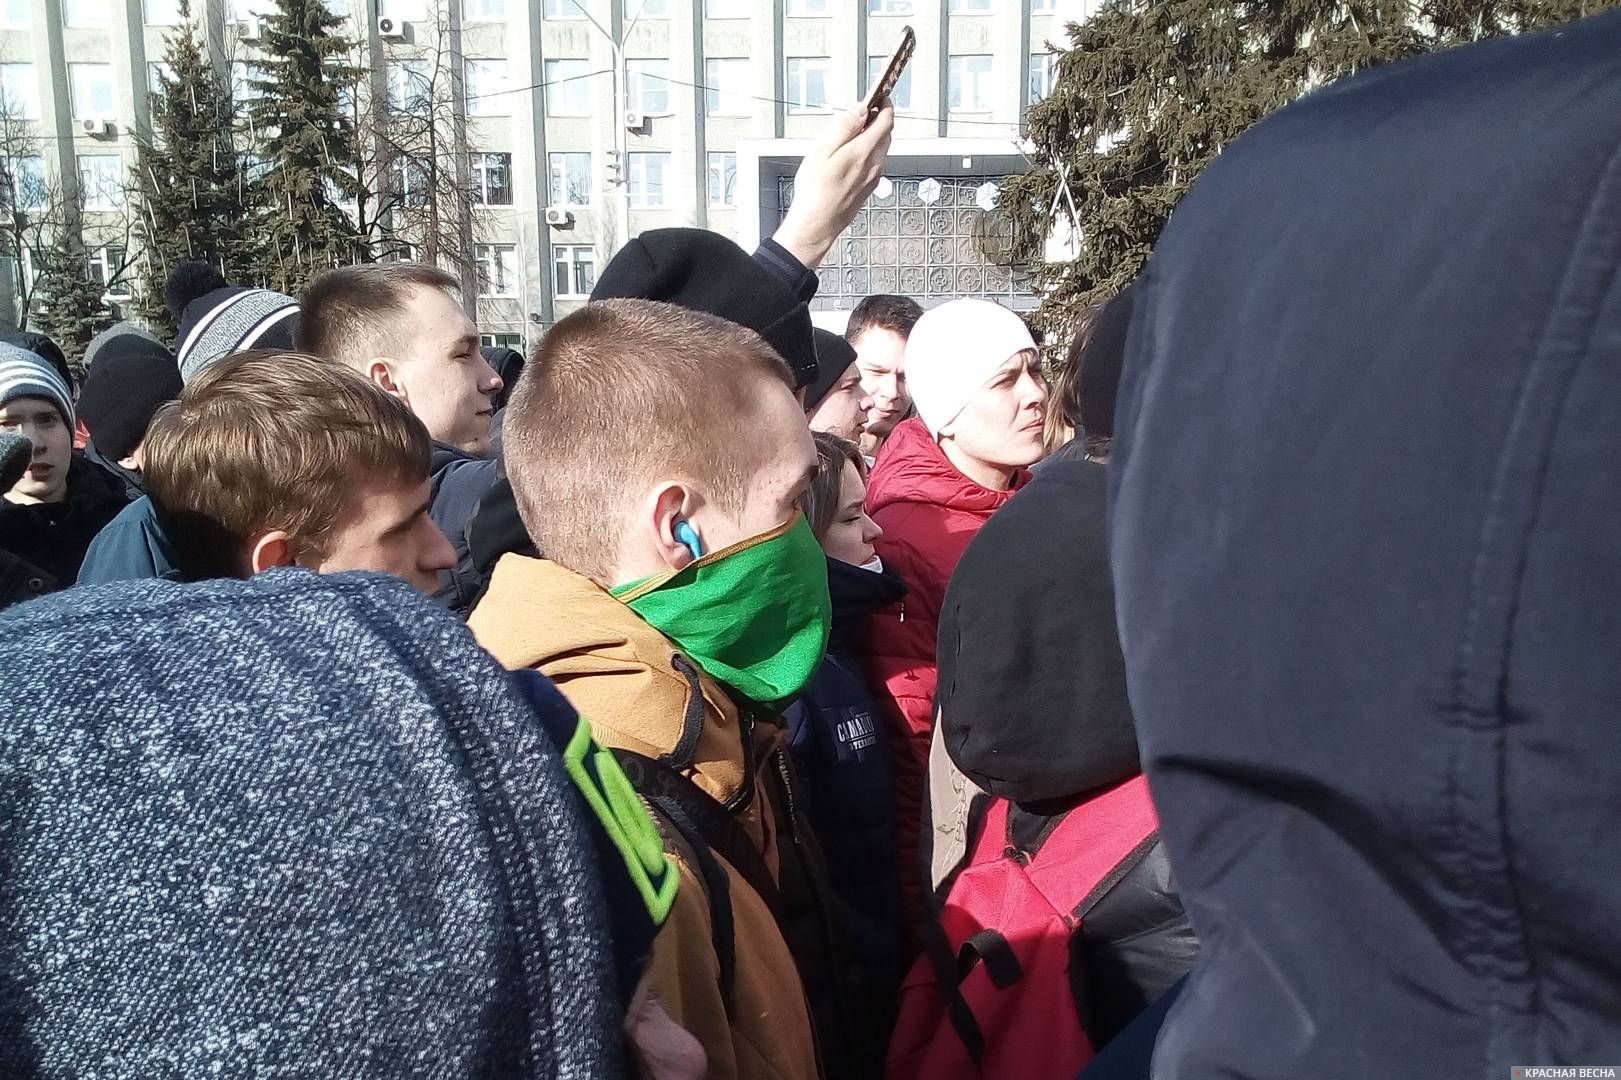 Парень с закрытым лицом. Стихийный митинг в Кемерово, 27.03.2018